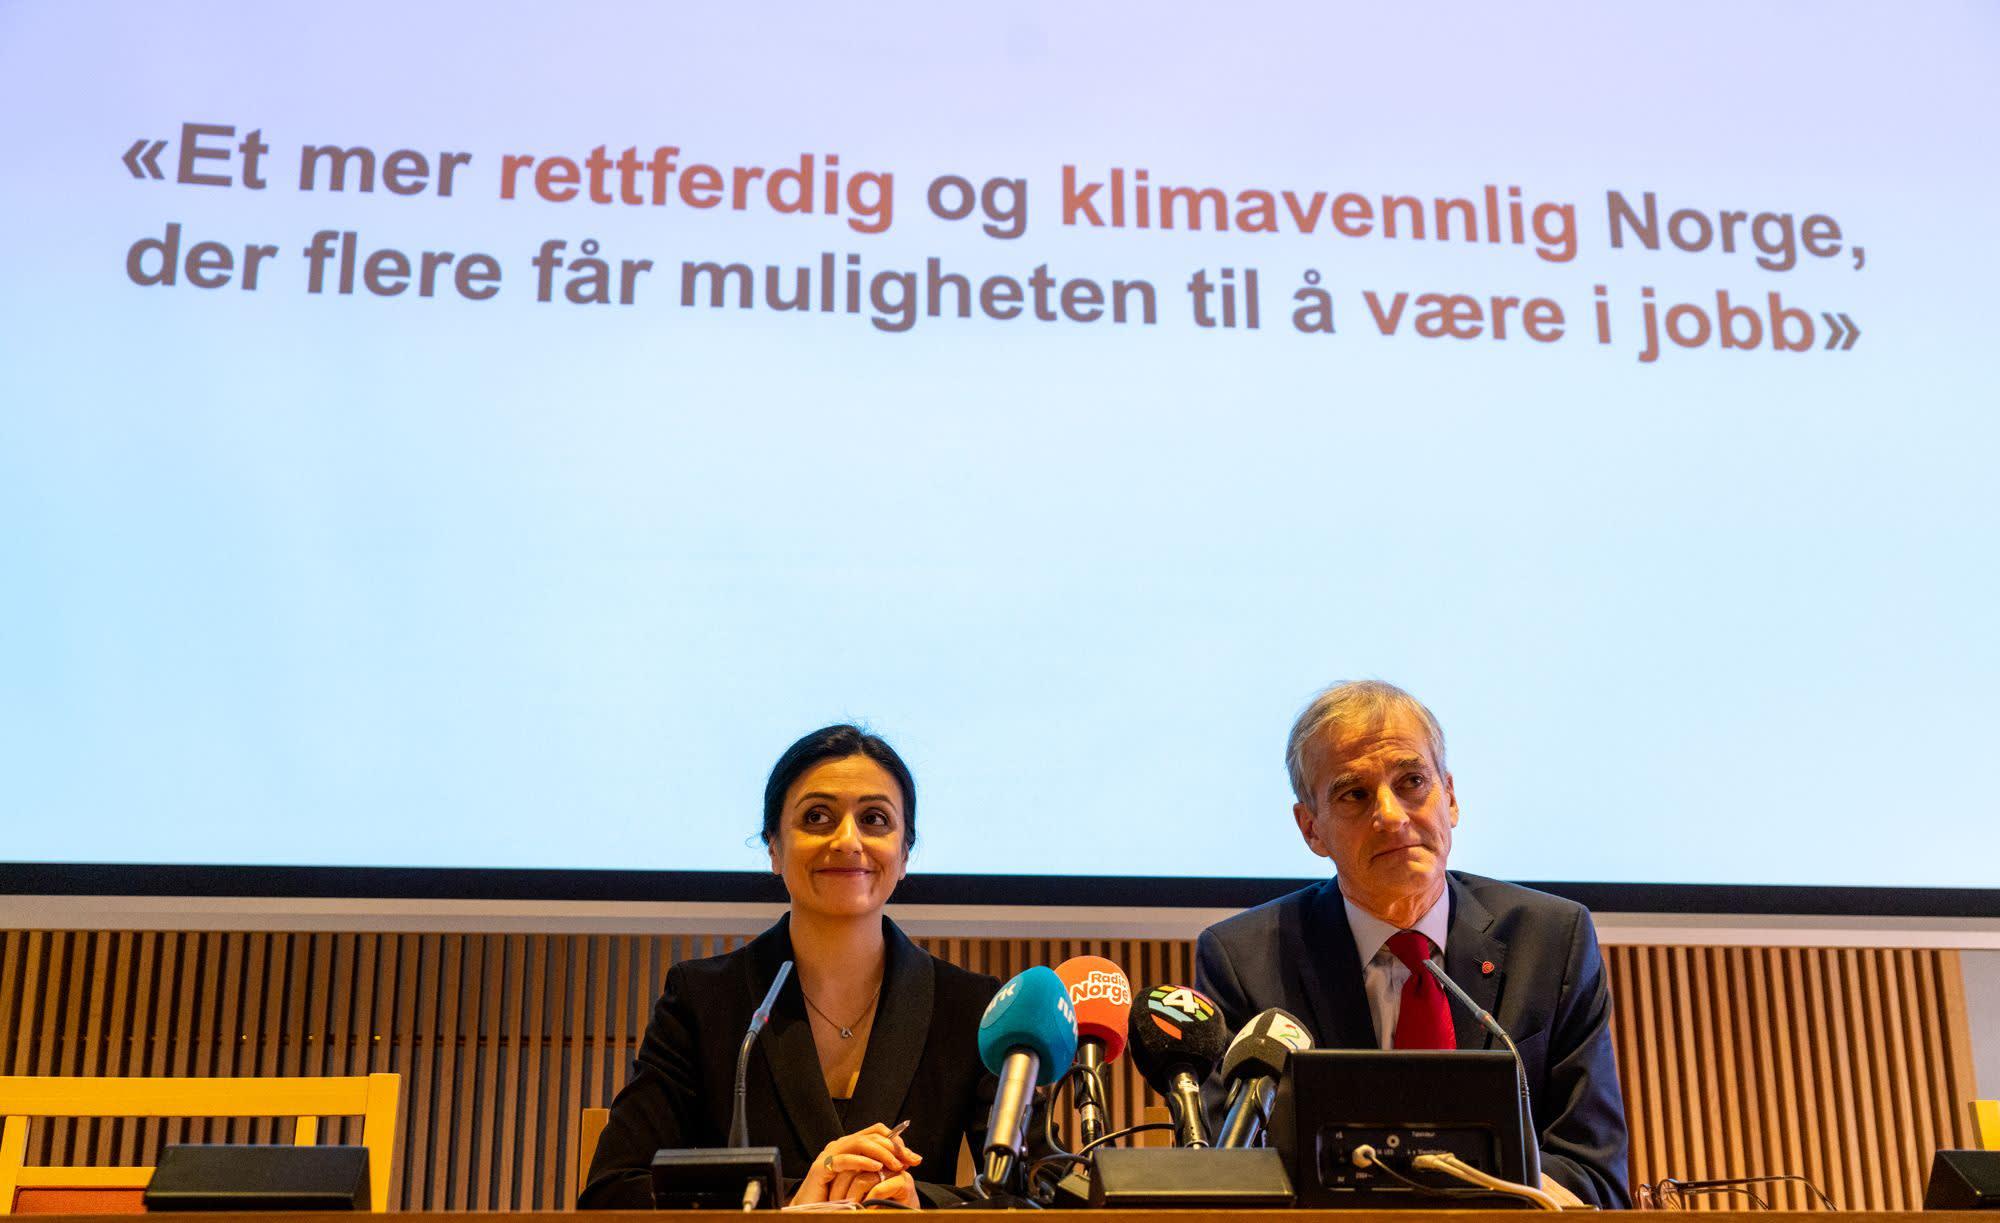 'Hadia Tajik og Jonas Gahr Støre sitter foran en skjerm med teksten